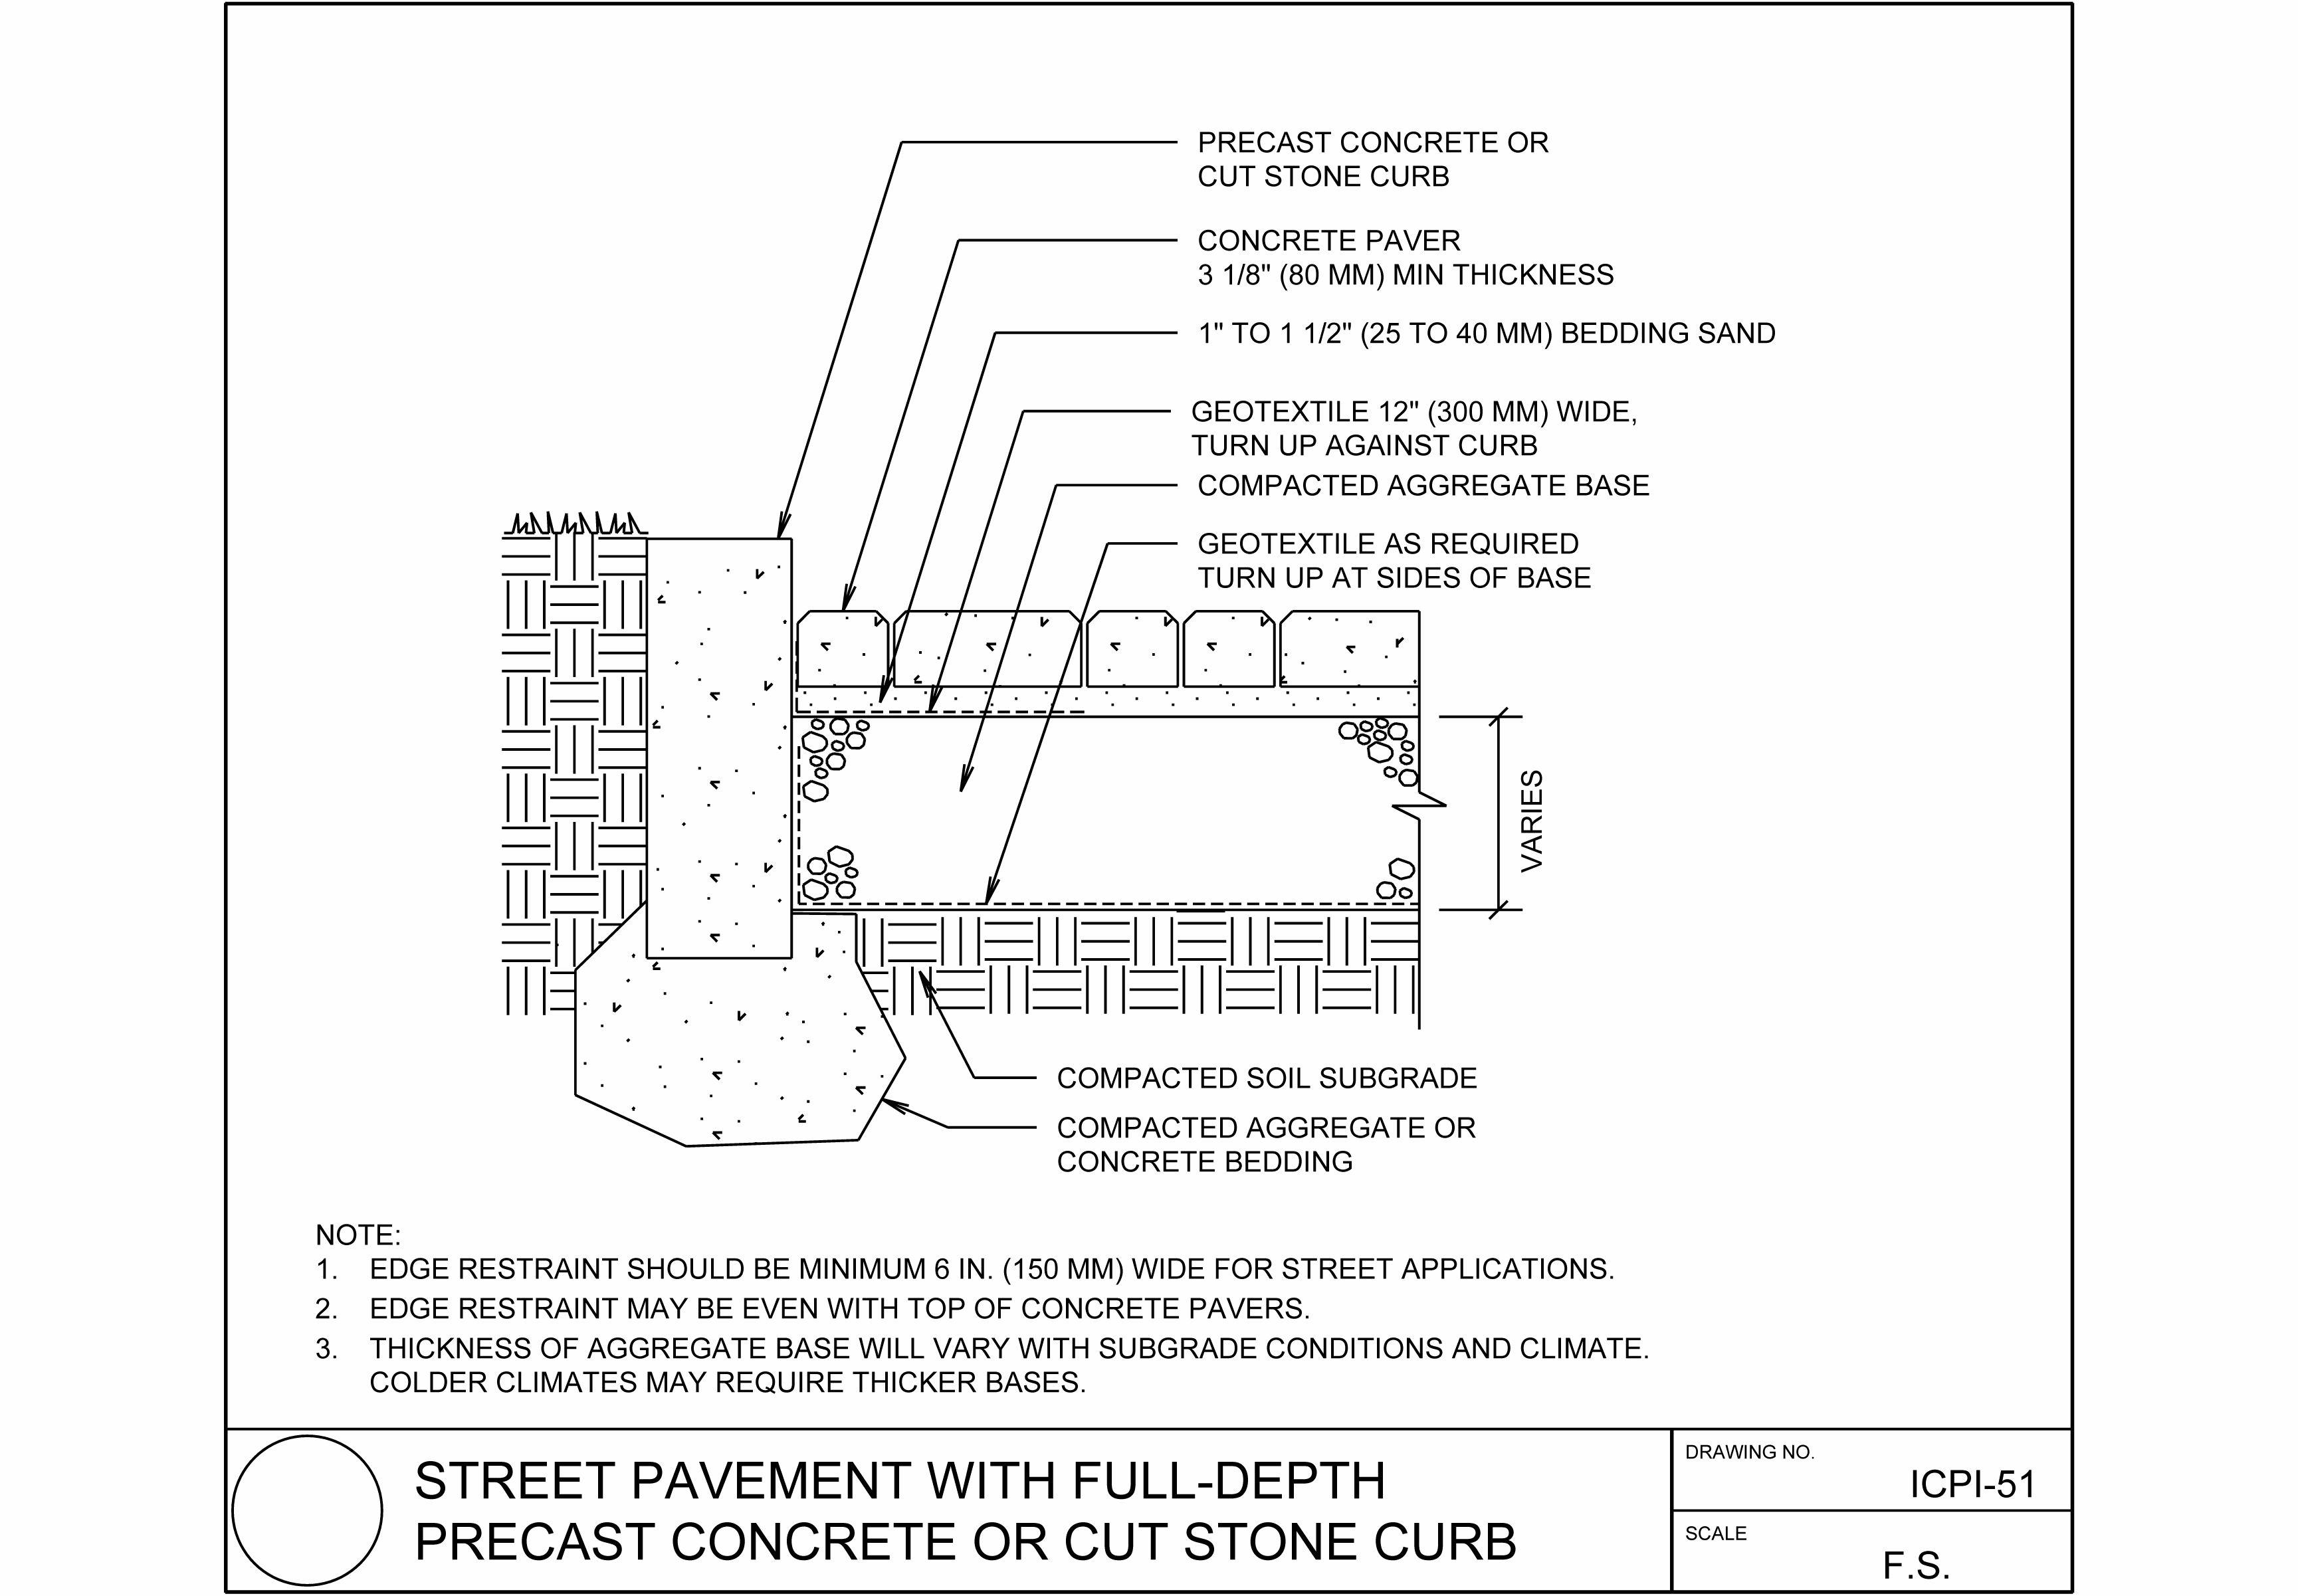 Icpi 51 Jpg 3458 2402 Precast Concrete Concrete Pavers Concrete